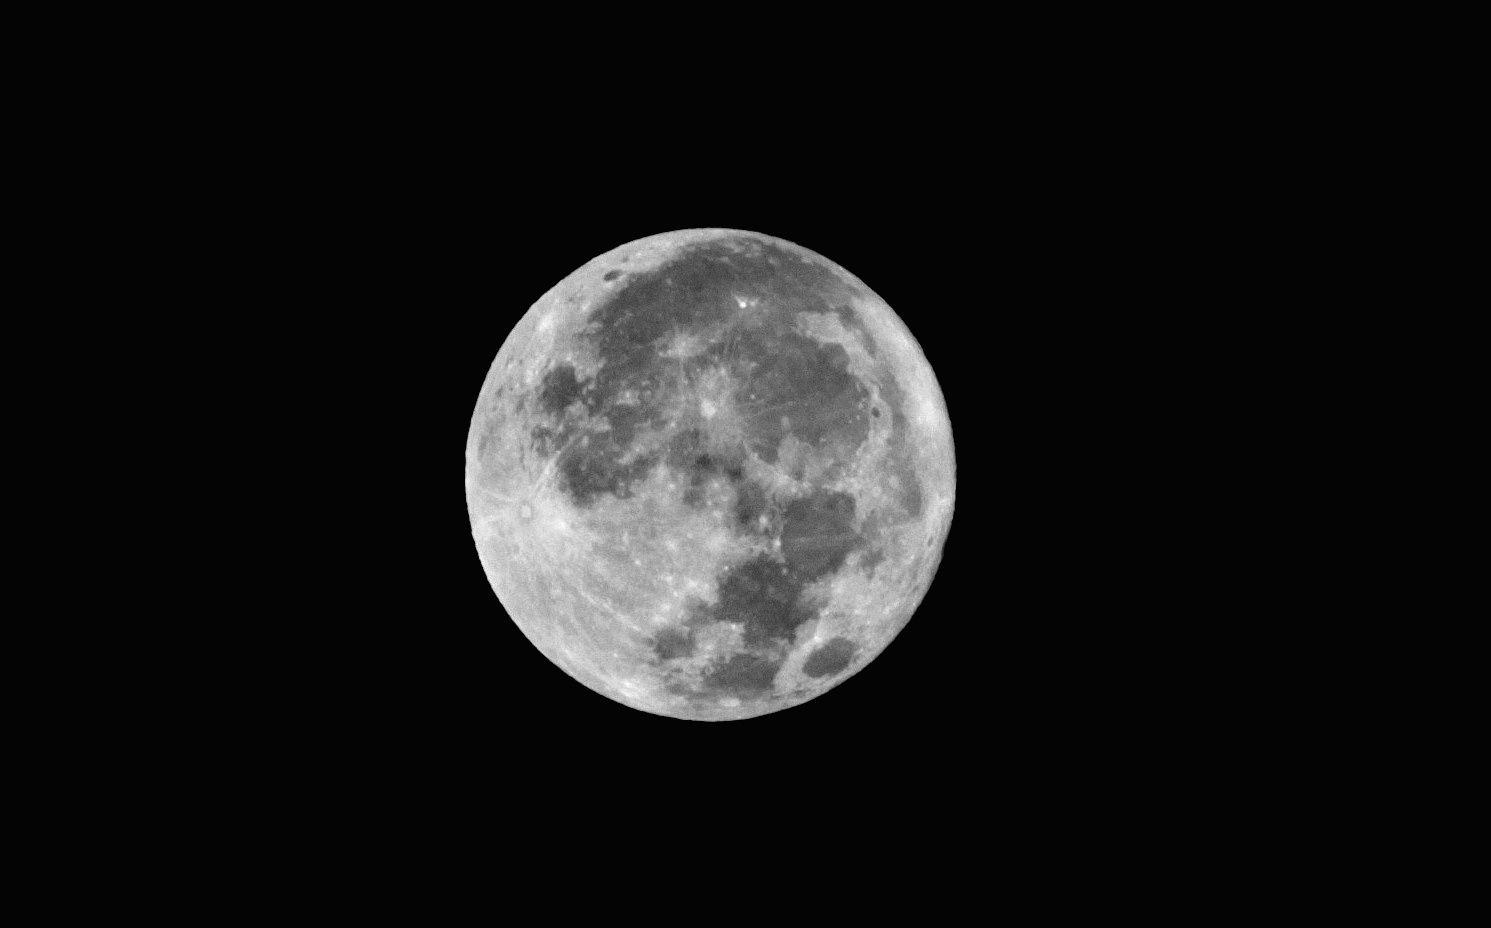 Esta Es La Luna Que Ha Tenido El Gusto De Acompañarnos En Medellín Esta Noche Madrugada Del 27 De Enero De 2013 Noche 27 De Enero Uñas Azules